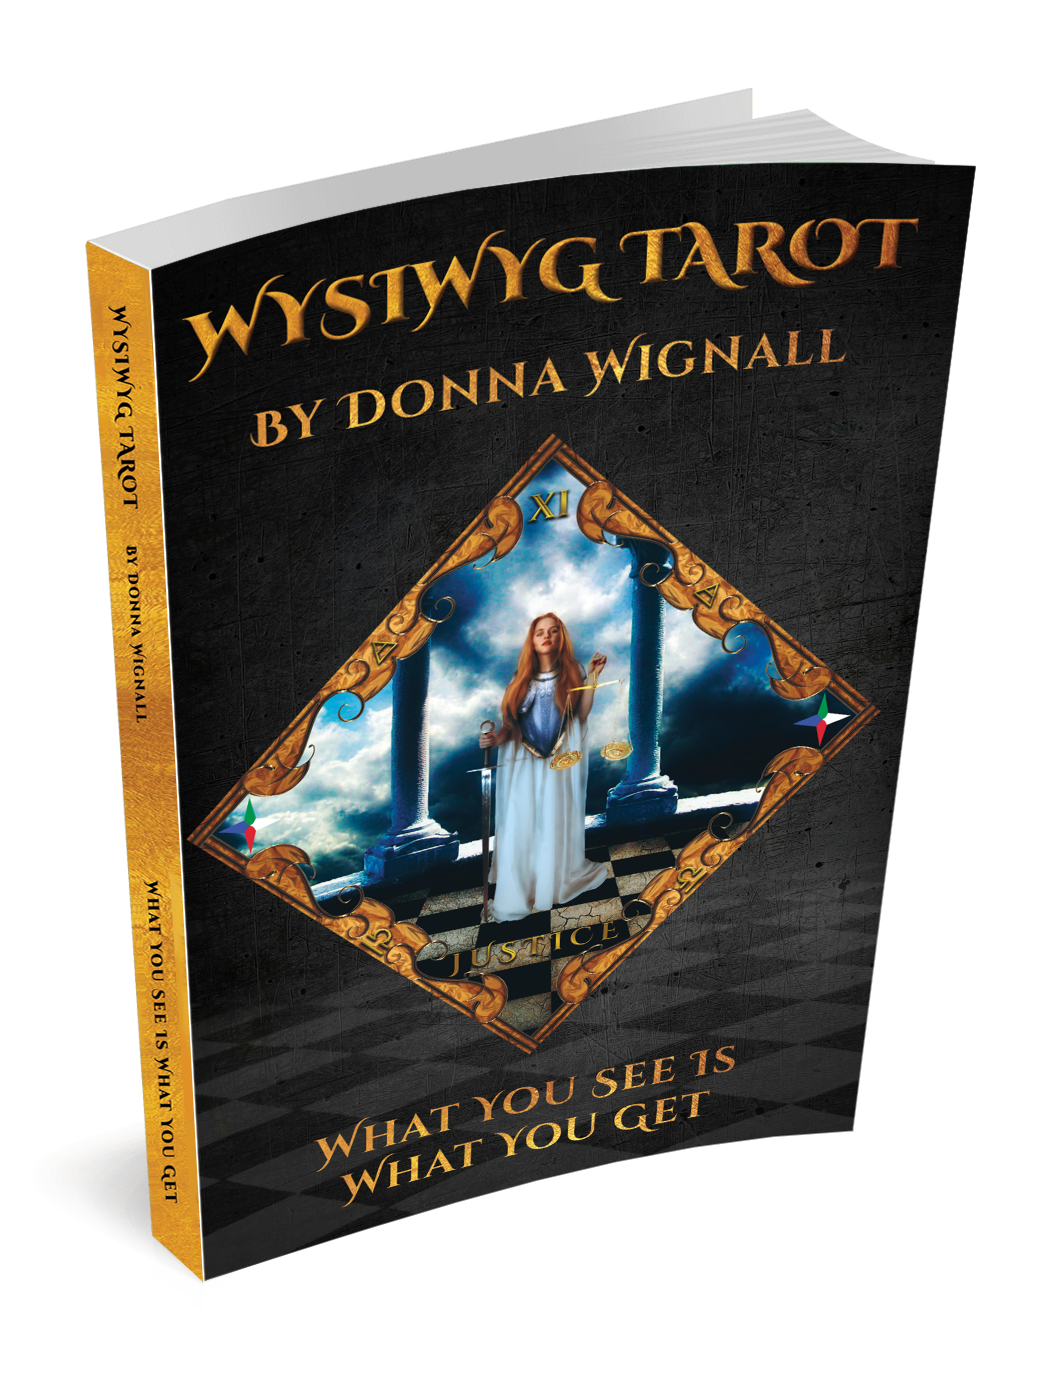 WYSIWYG Tarot by Donna Wignall